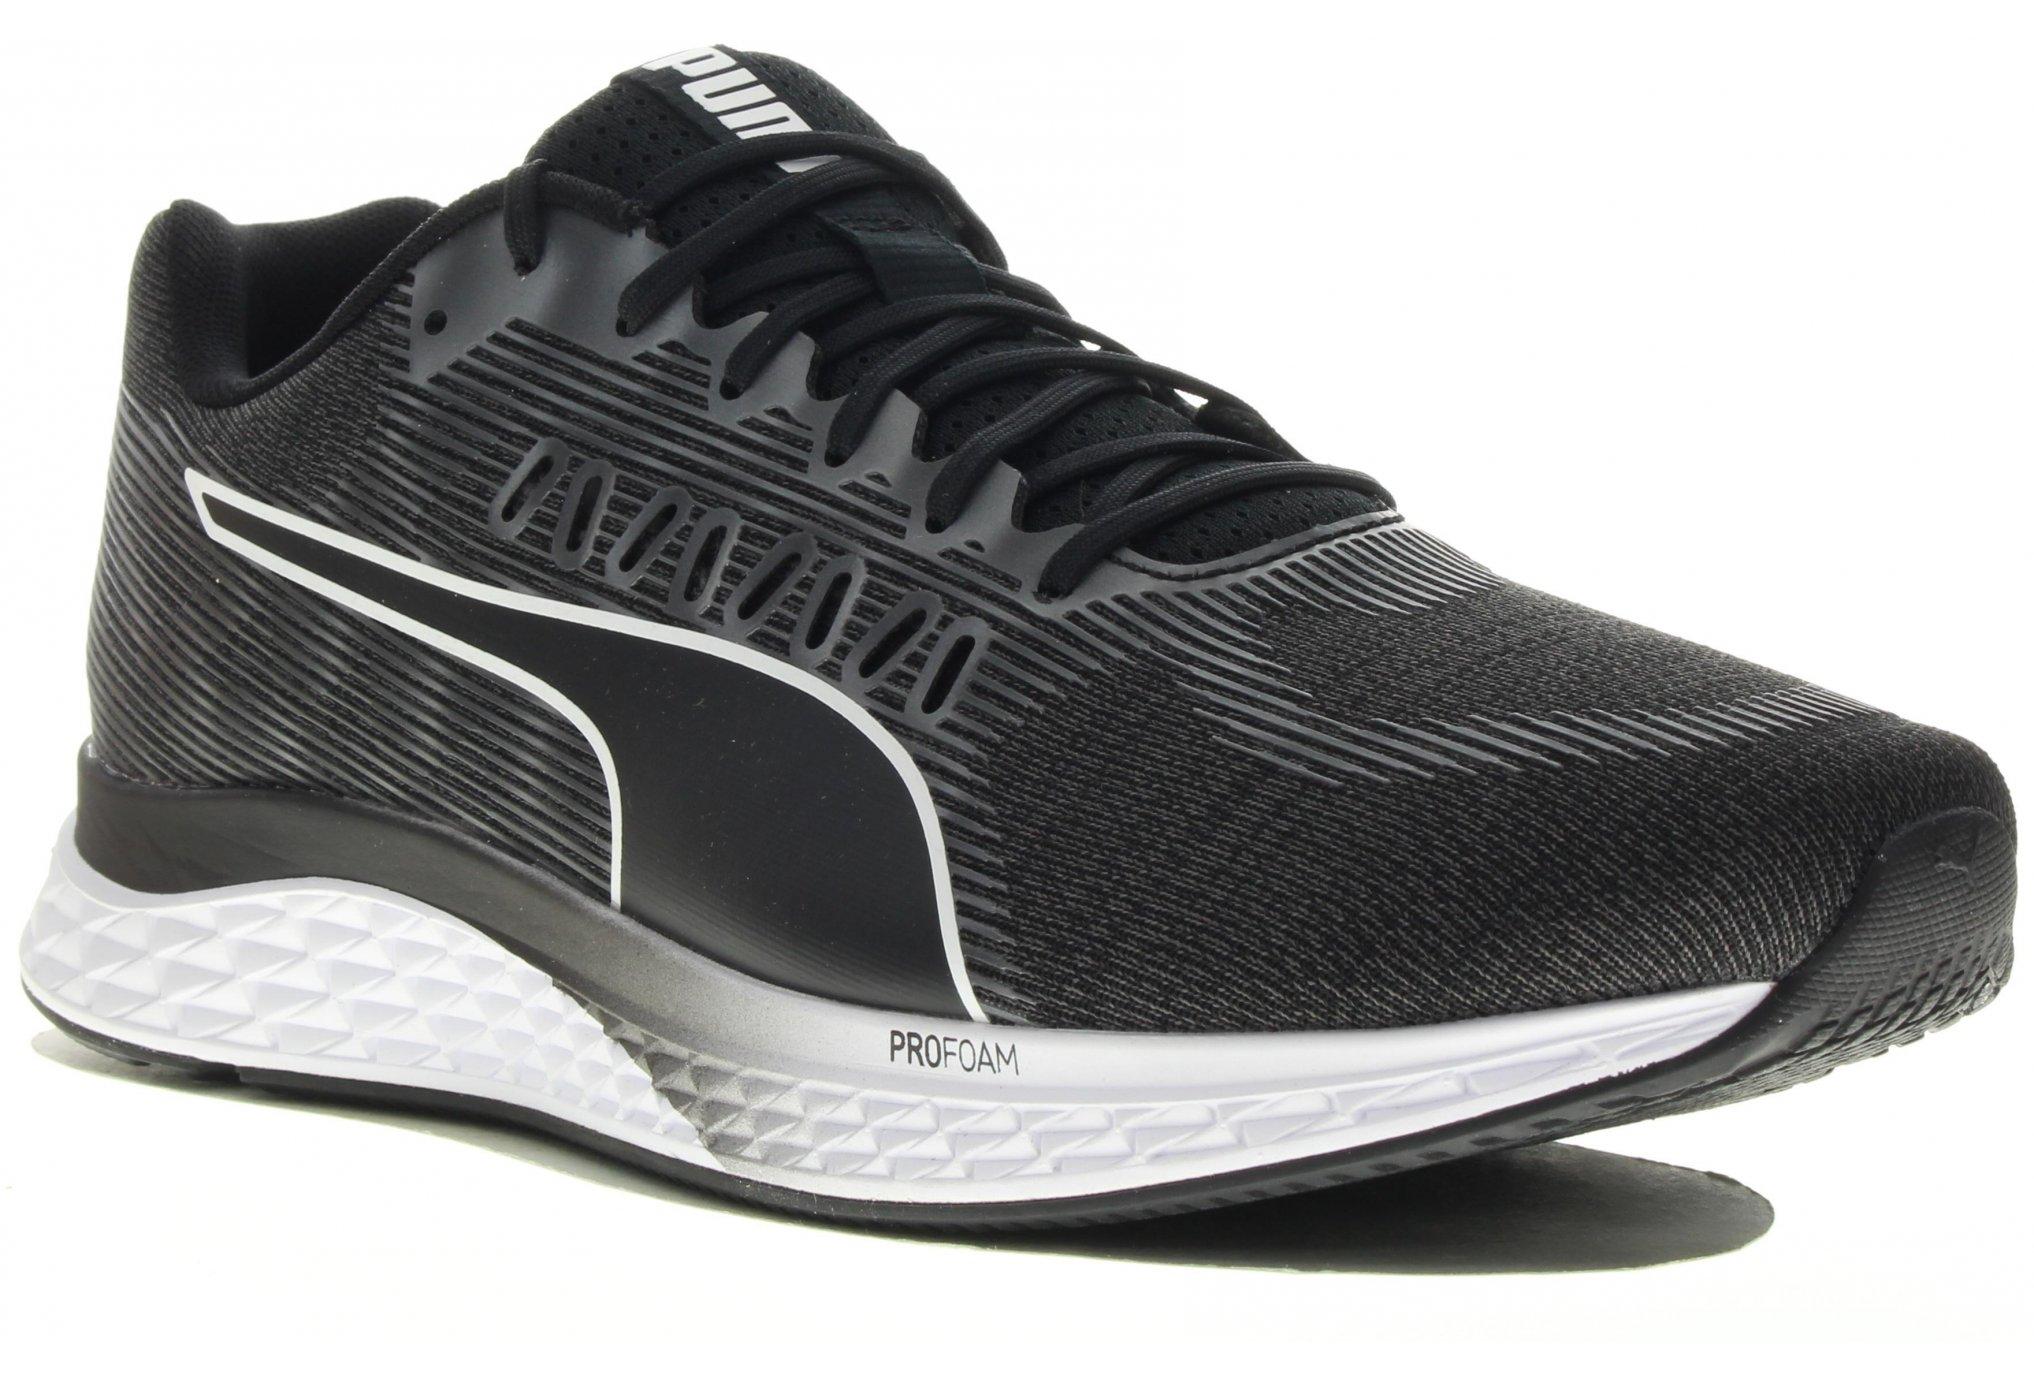 wholesale dealer 79f84 ca20c Nike Air Zoom Structure 18 W femme Noir pas cher